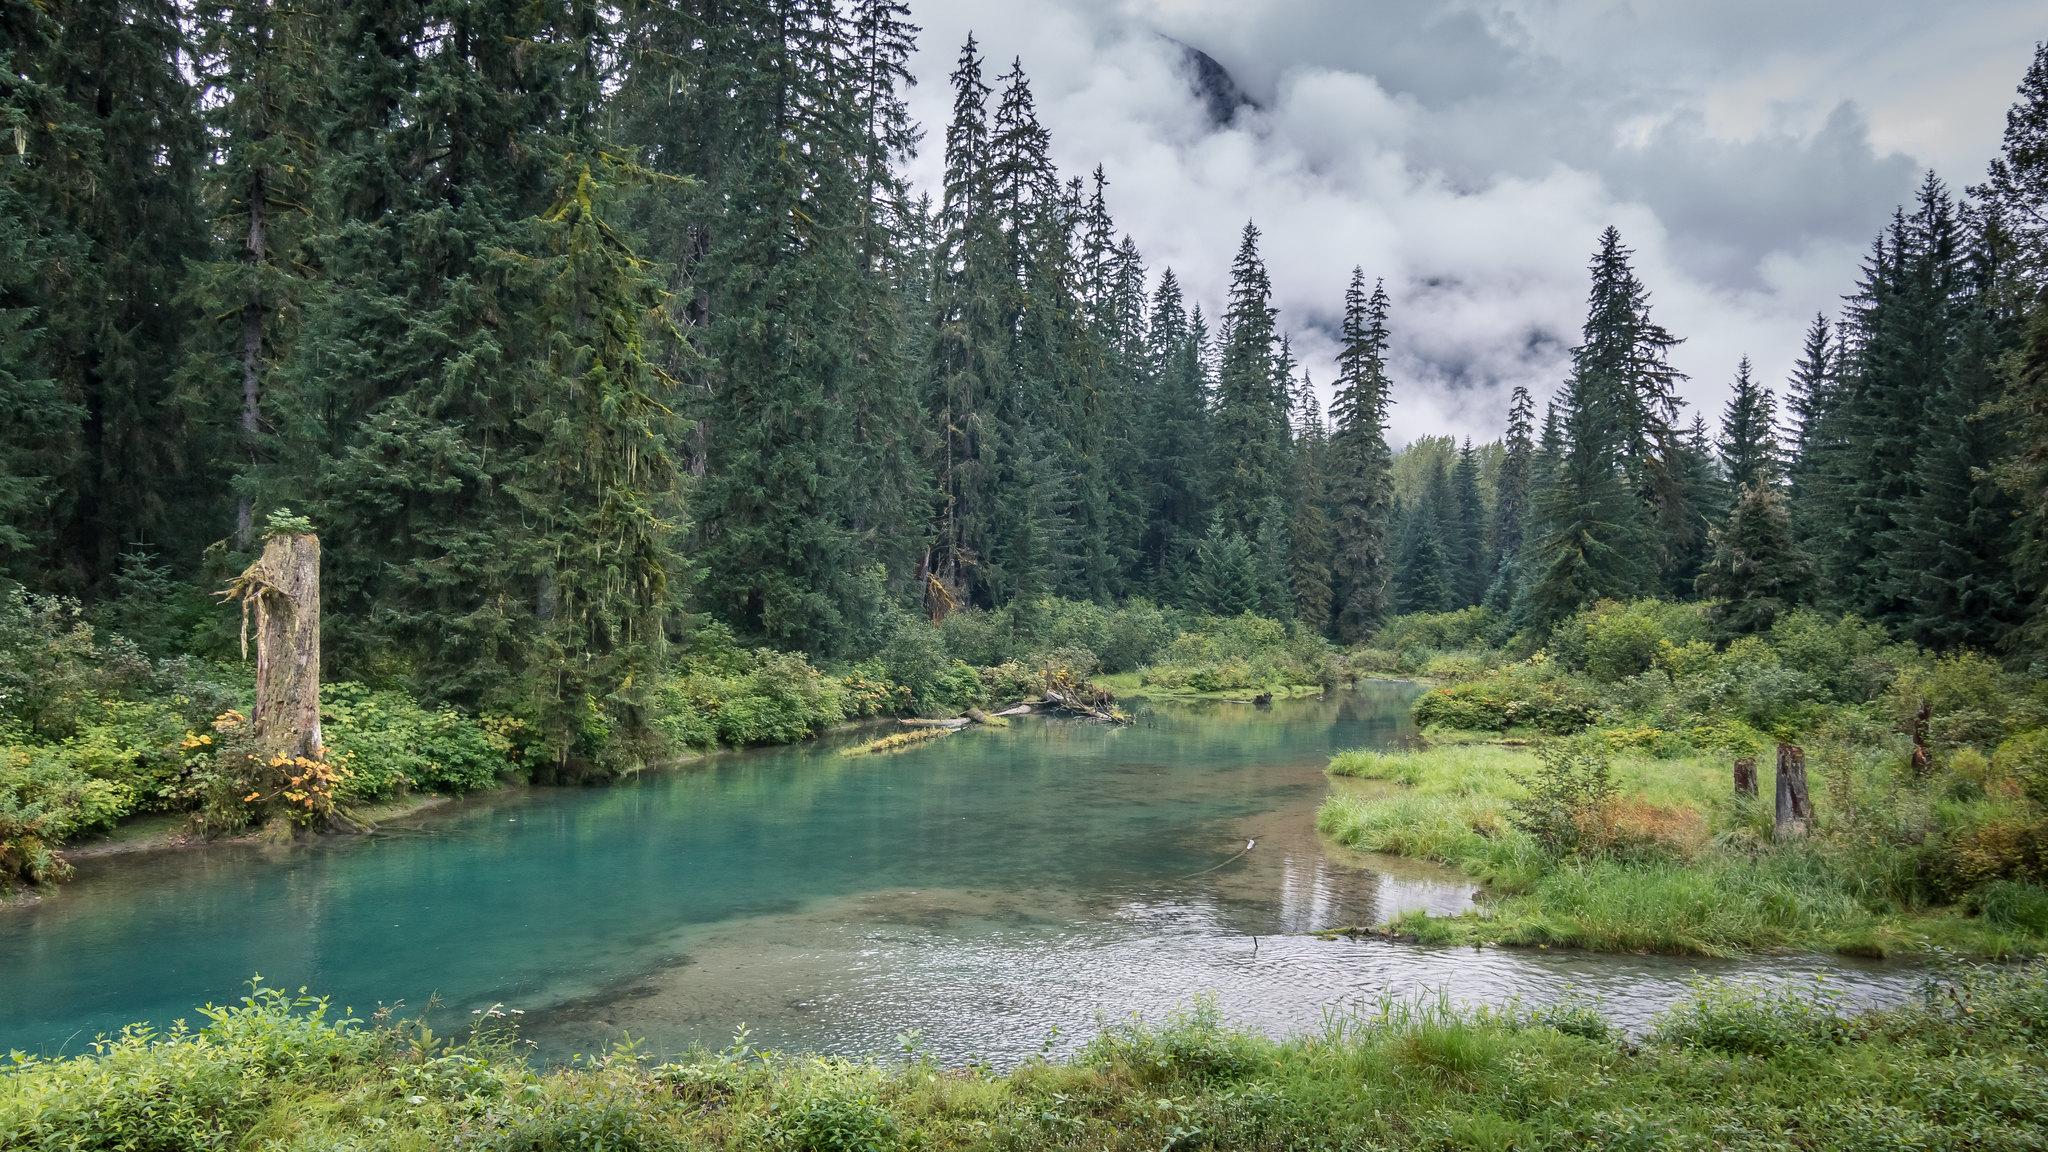 Hyder - Alaska - [USA]